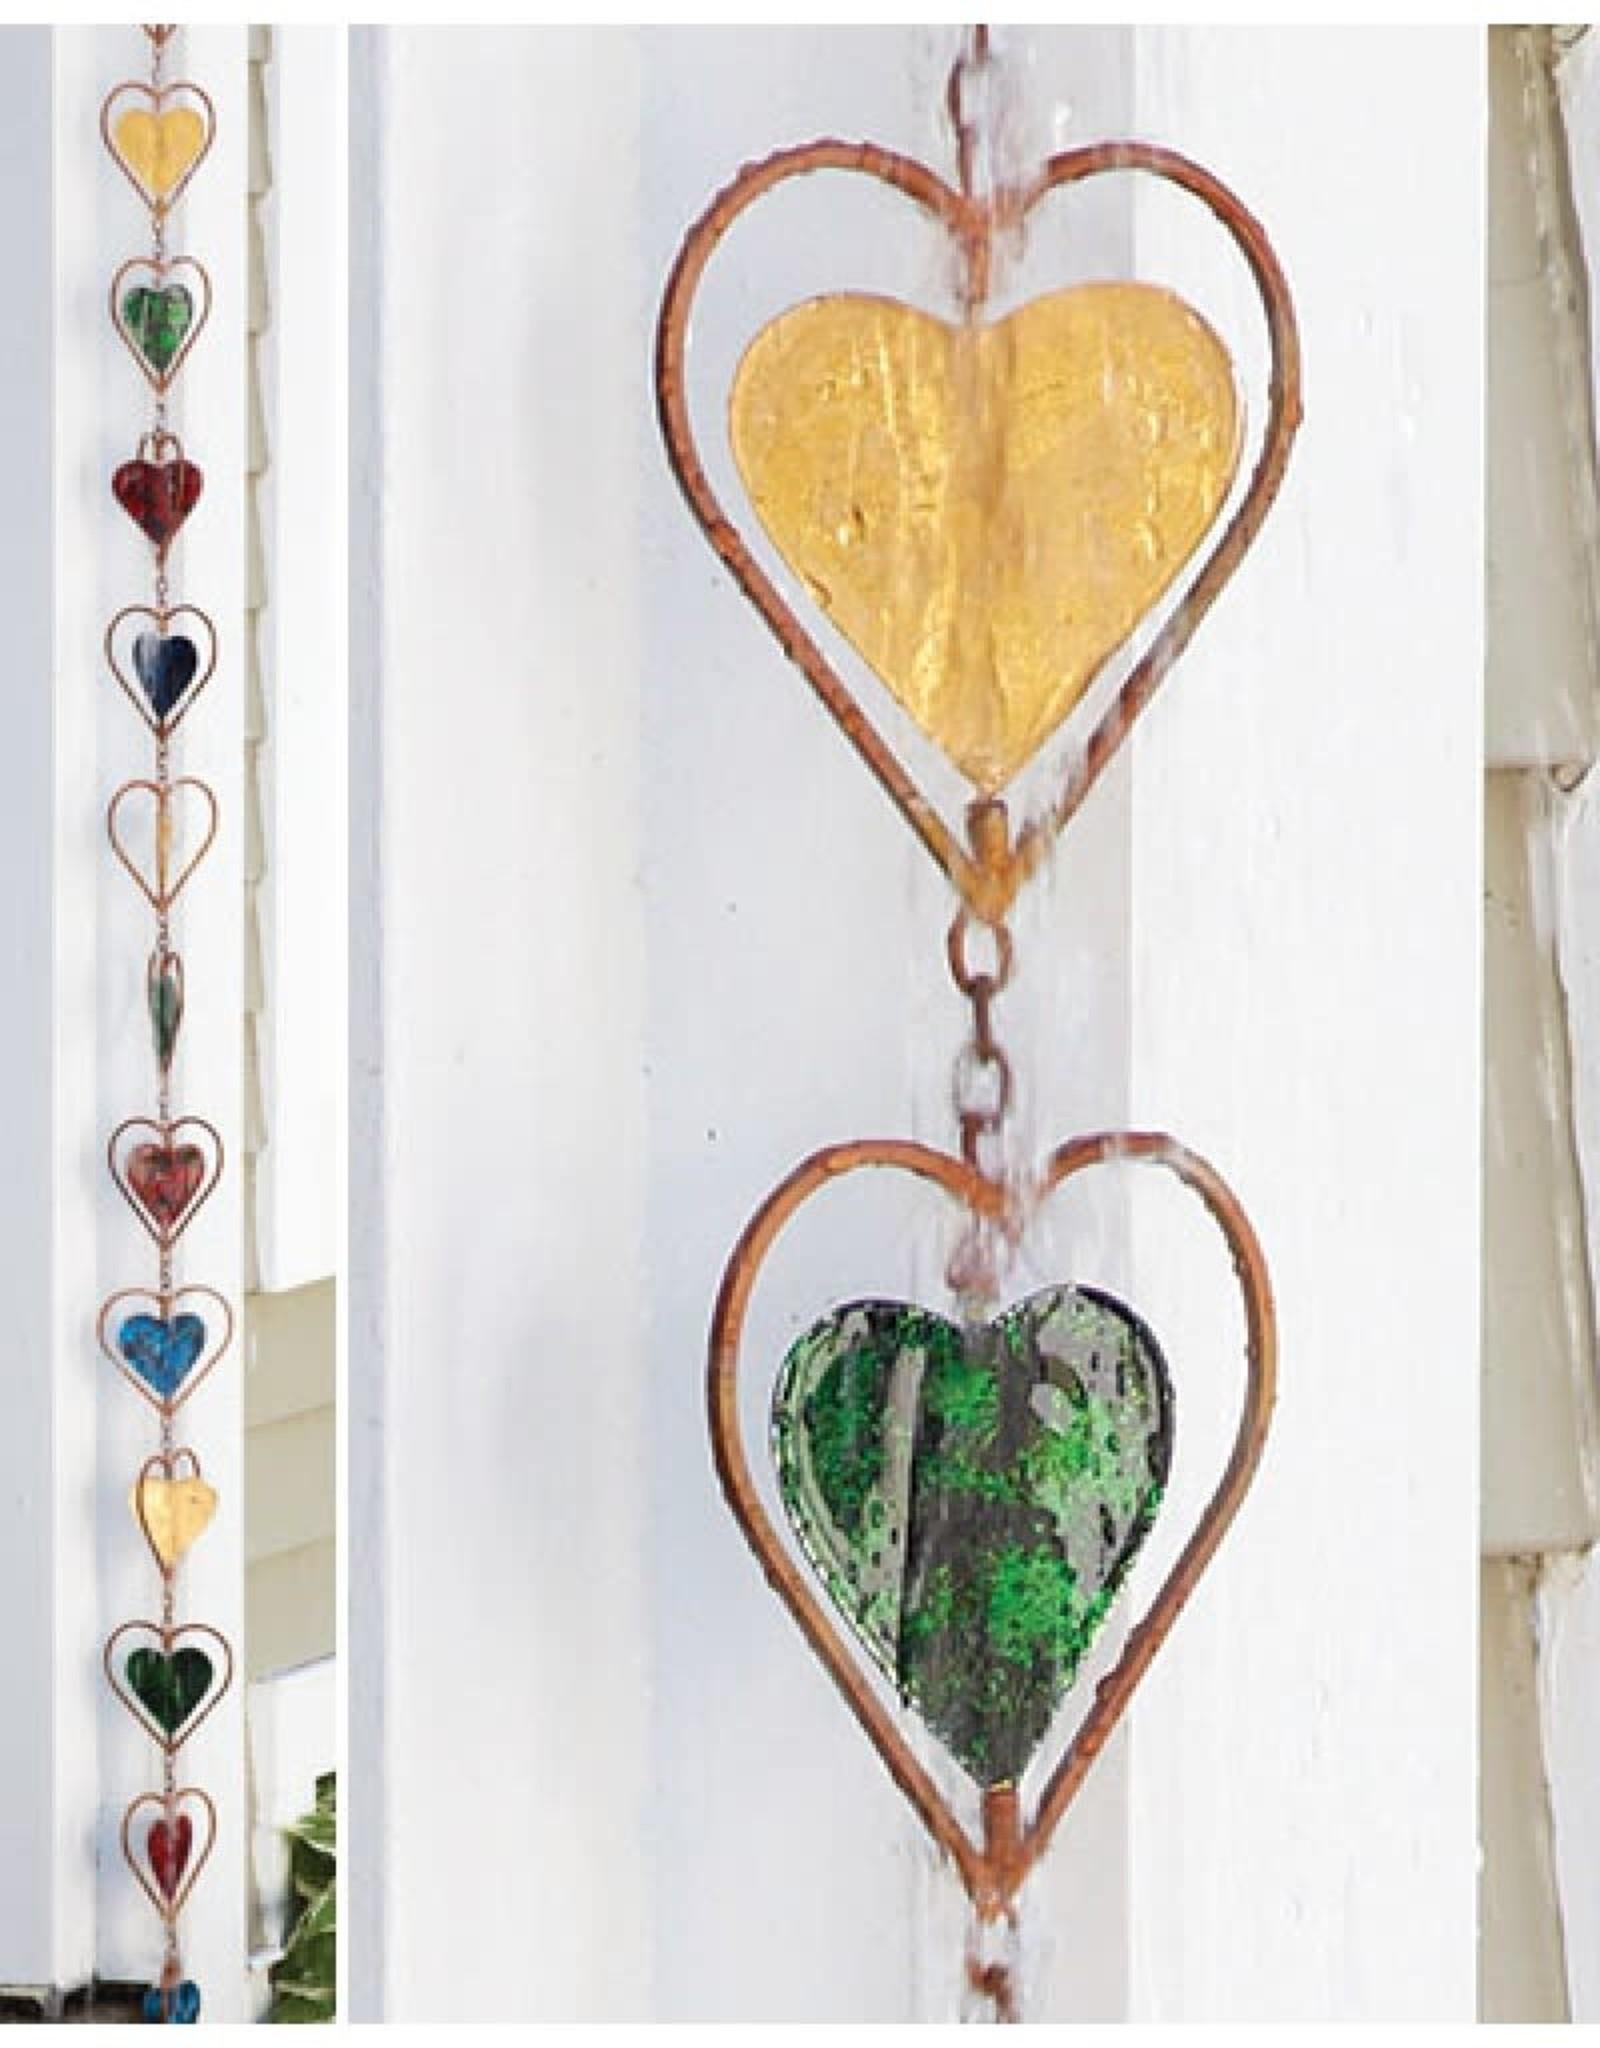 Rain Chain - Multicolor Heart